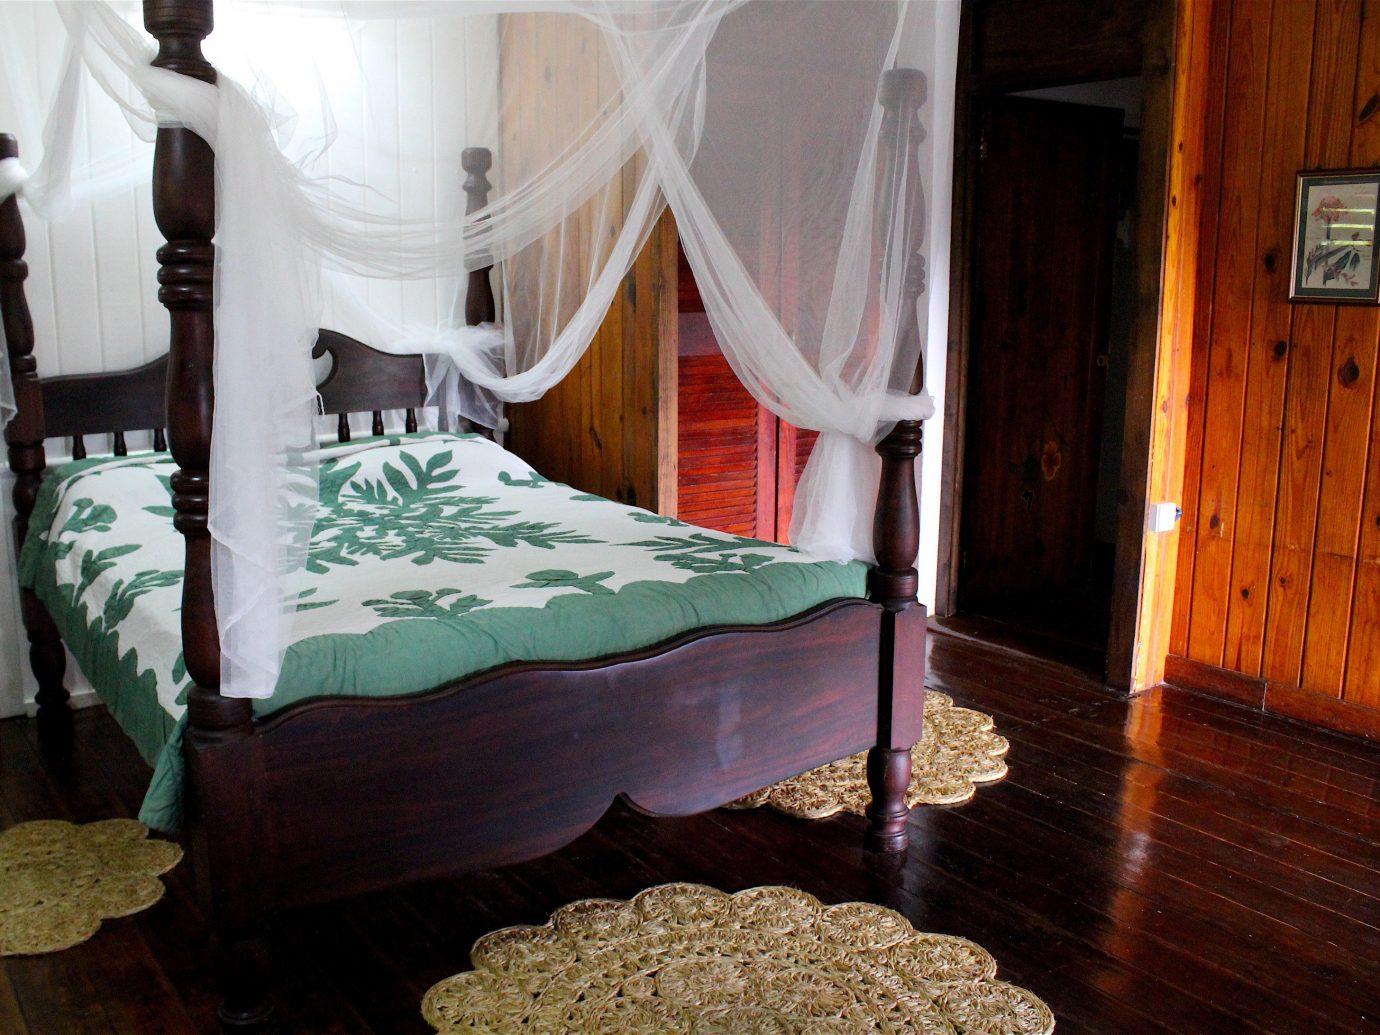 Trip Ideas mosquito net indoor floor room bed house furniture interior design Bedroom cottage